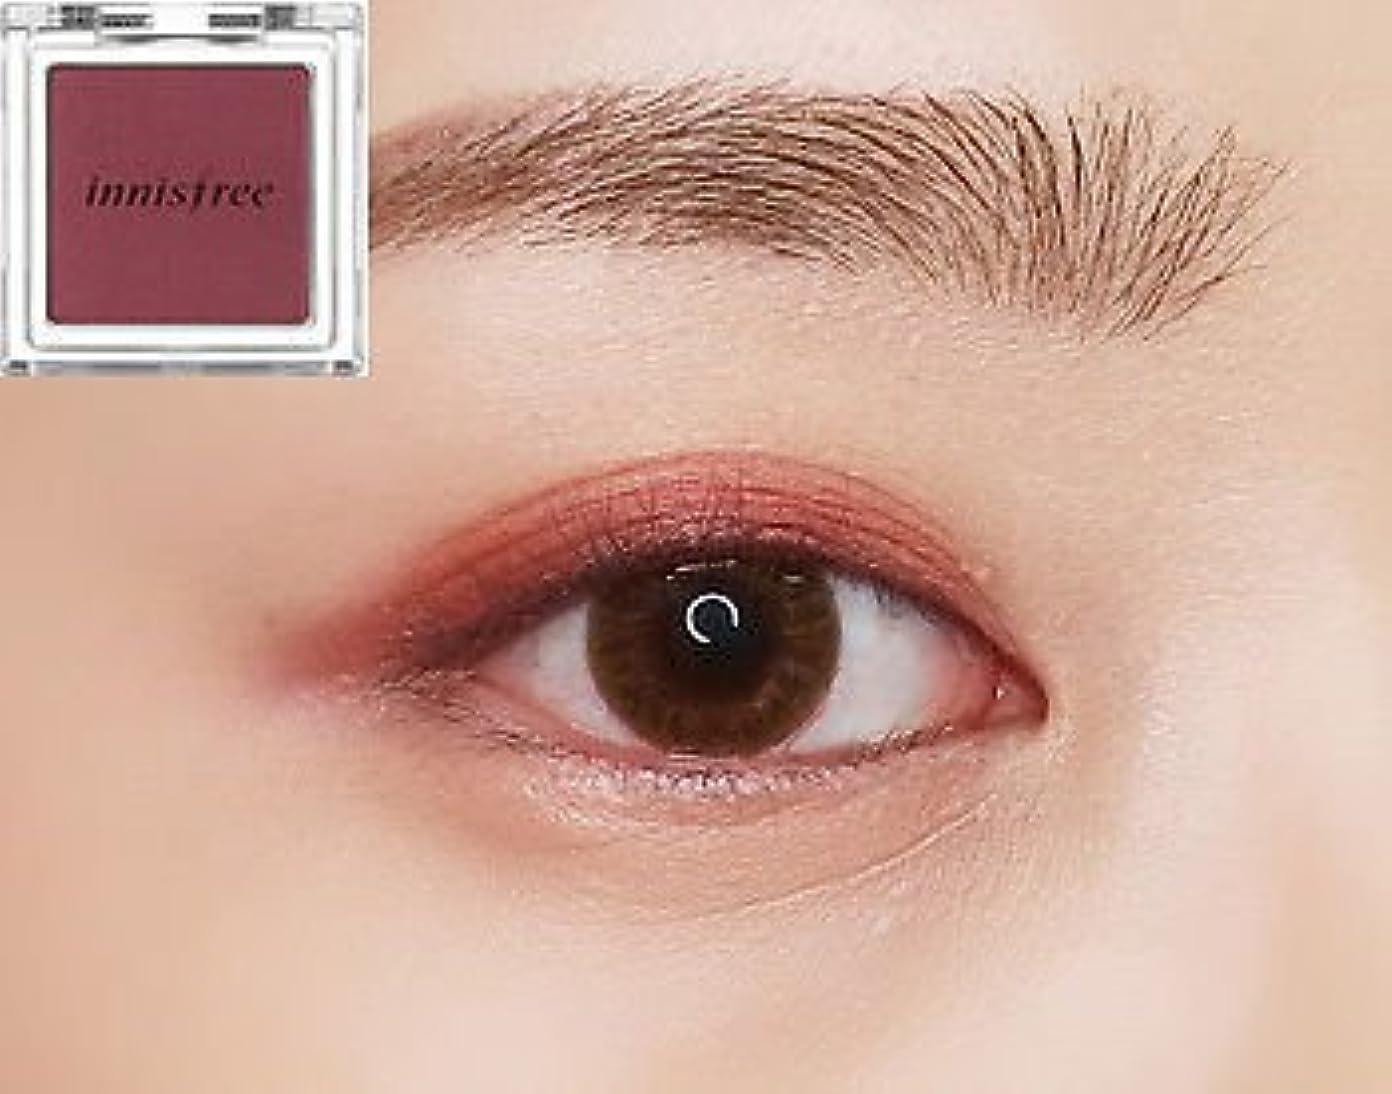 従順なゴルフ悪名高い[イニスフリー] innisfree [マイ パレット マイ アイシャドウ (シマ一) 39カラー] MY PALETTE My Eyeshadow (Shimmer) 39 Shades [海外直送品] (シマ一 #25)